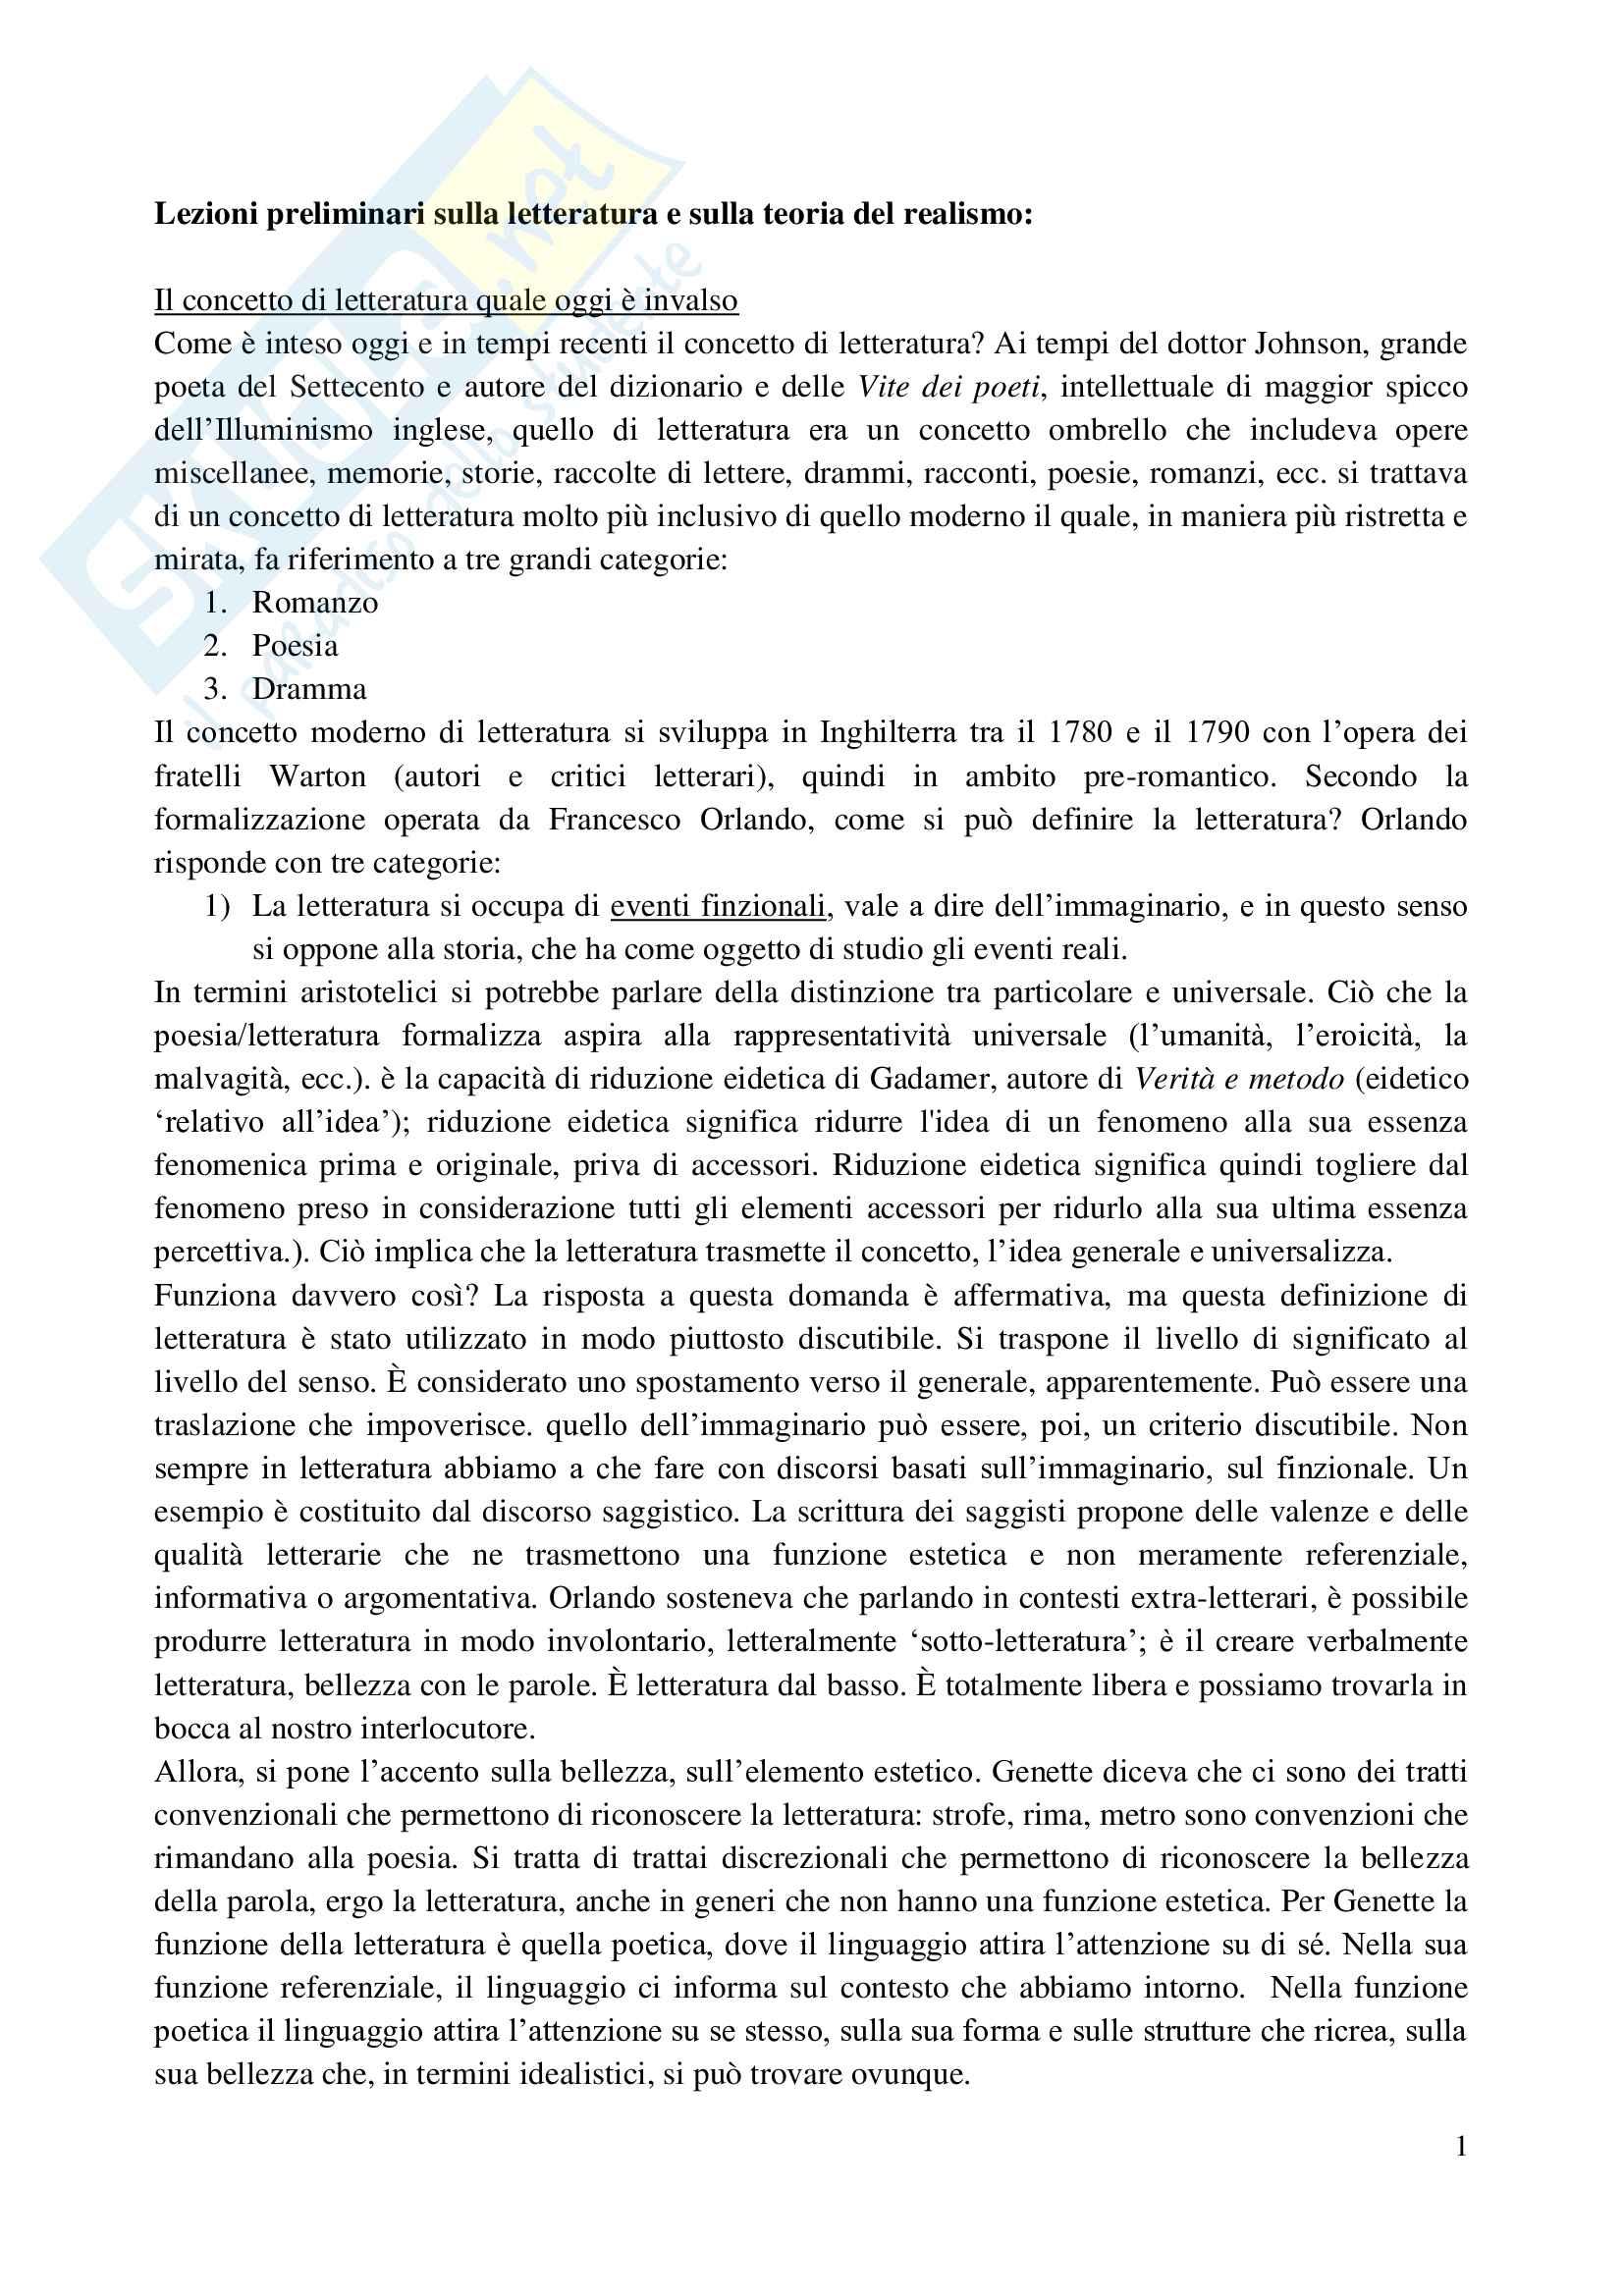 Appunti Letteratura inglese Contemporanea Teoria Critica Analisi del testo